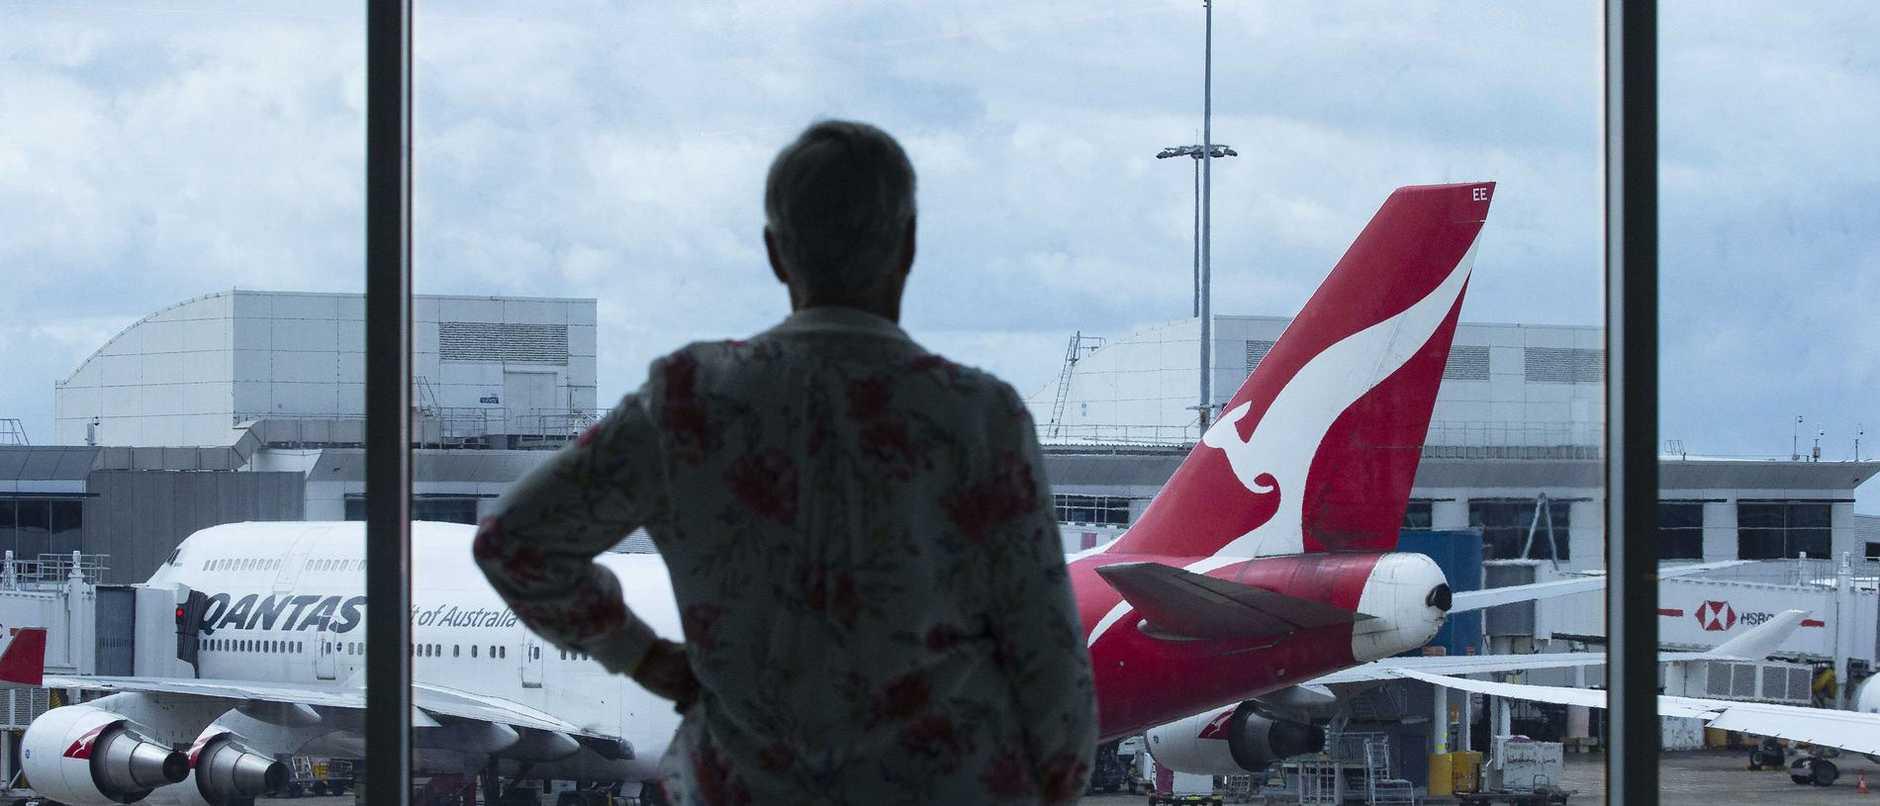 Qantas cuts flights